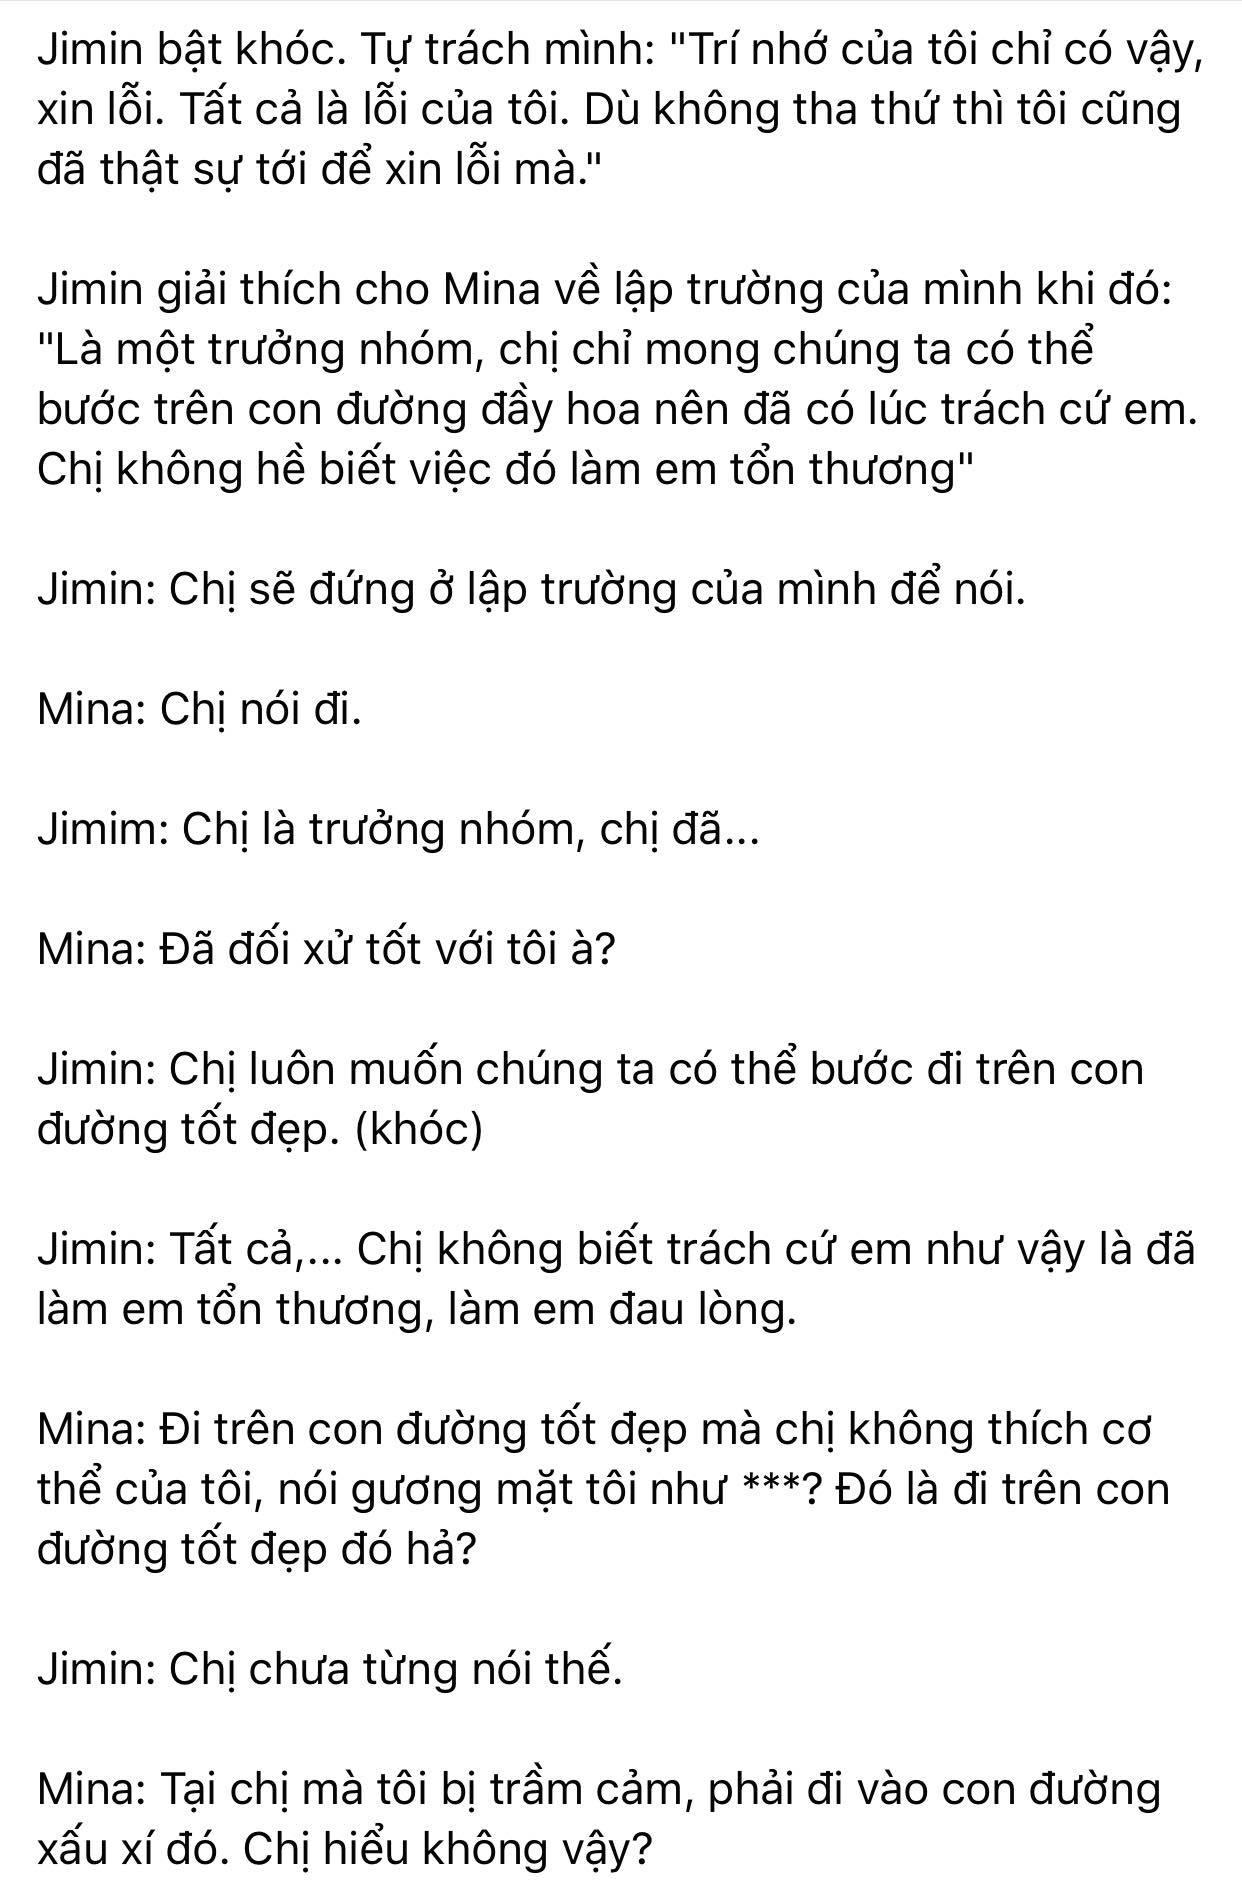 Dispatch khui toàn bộ hội thoại trong buổi gặp mặt AOA: Mina trở thành kẻ cố chấp thích đóng vai nạn nhân 6